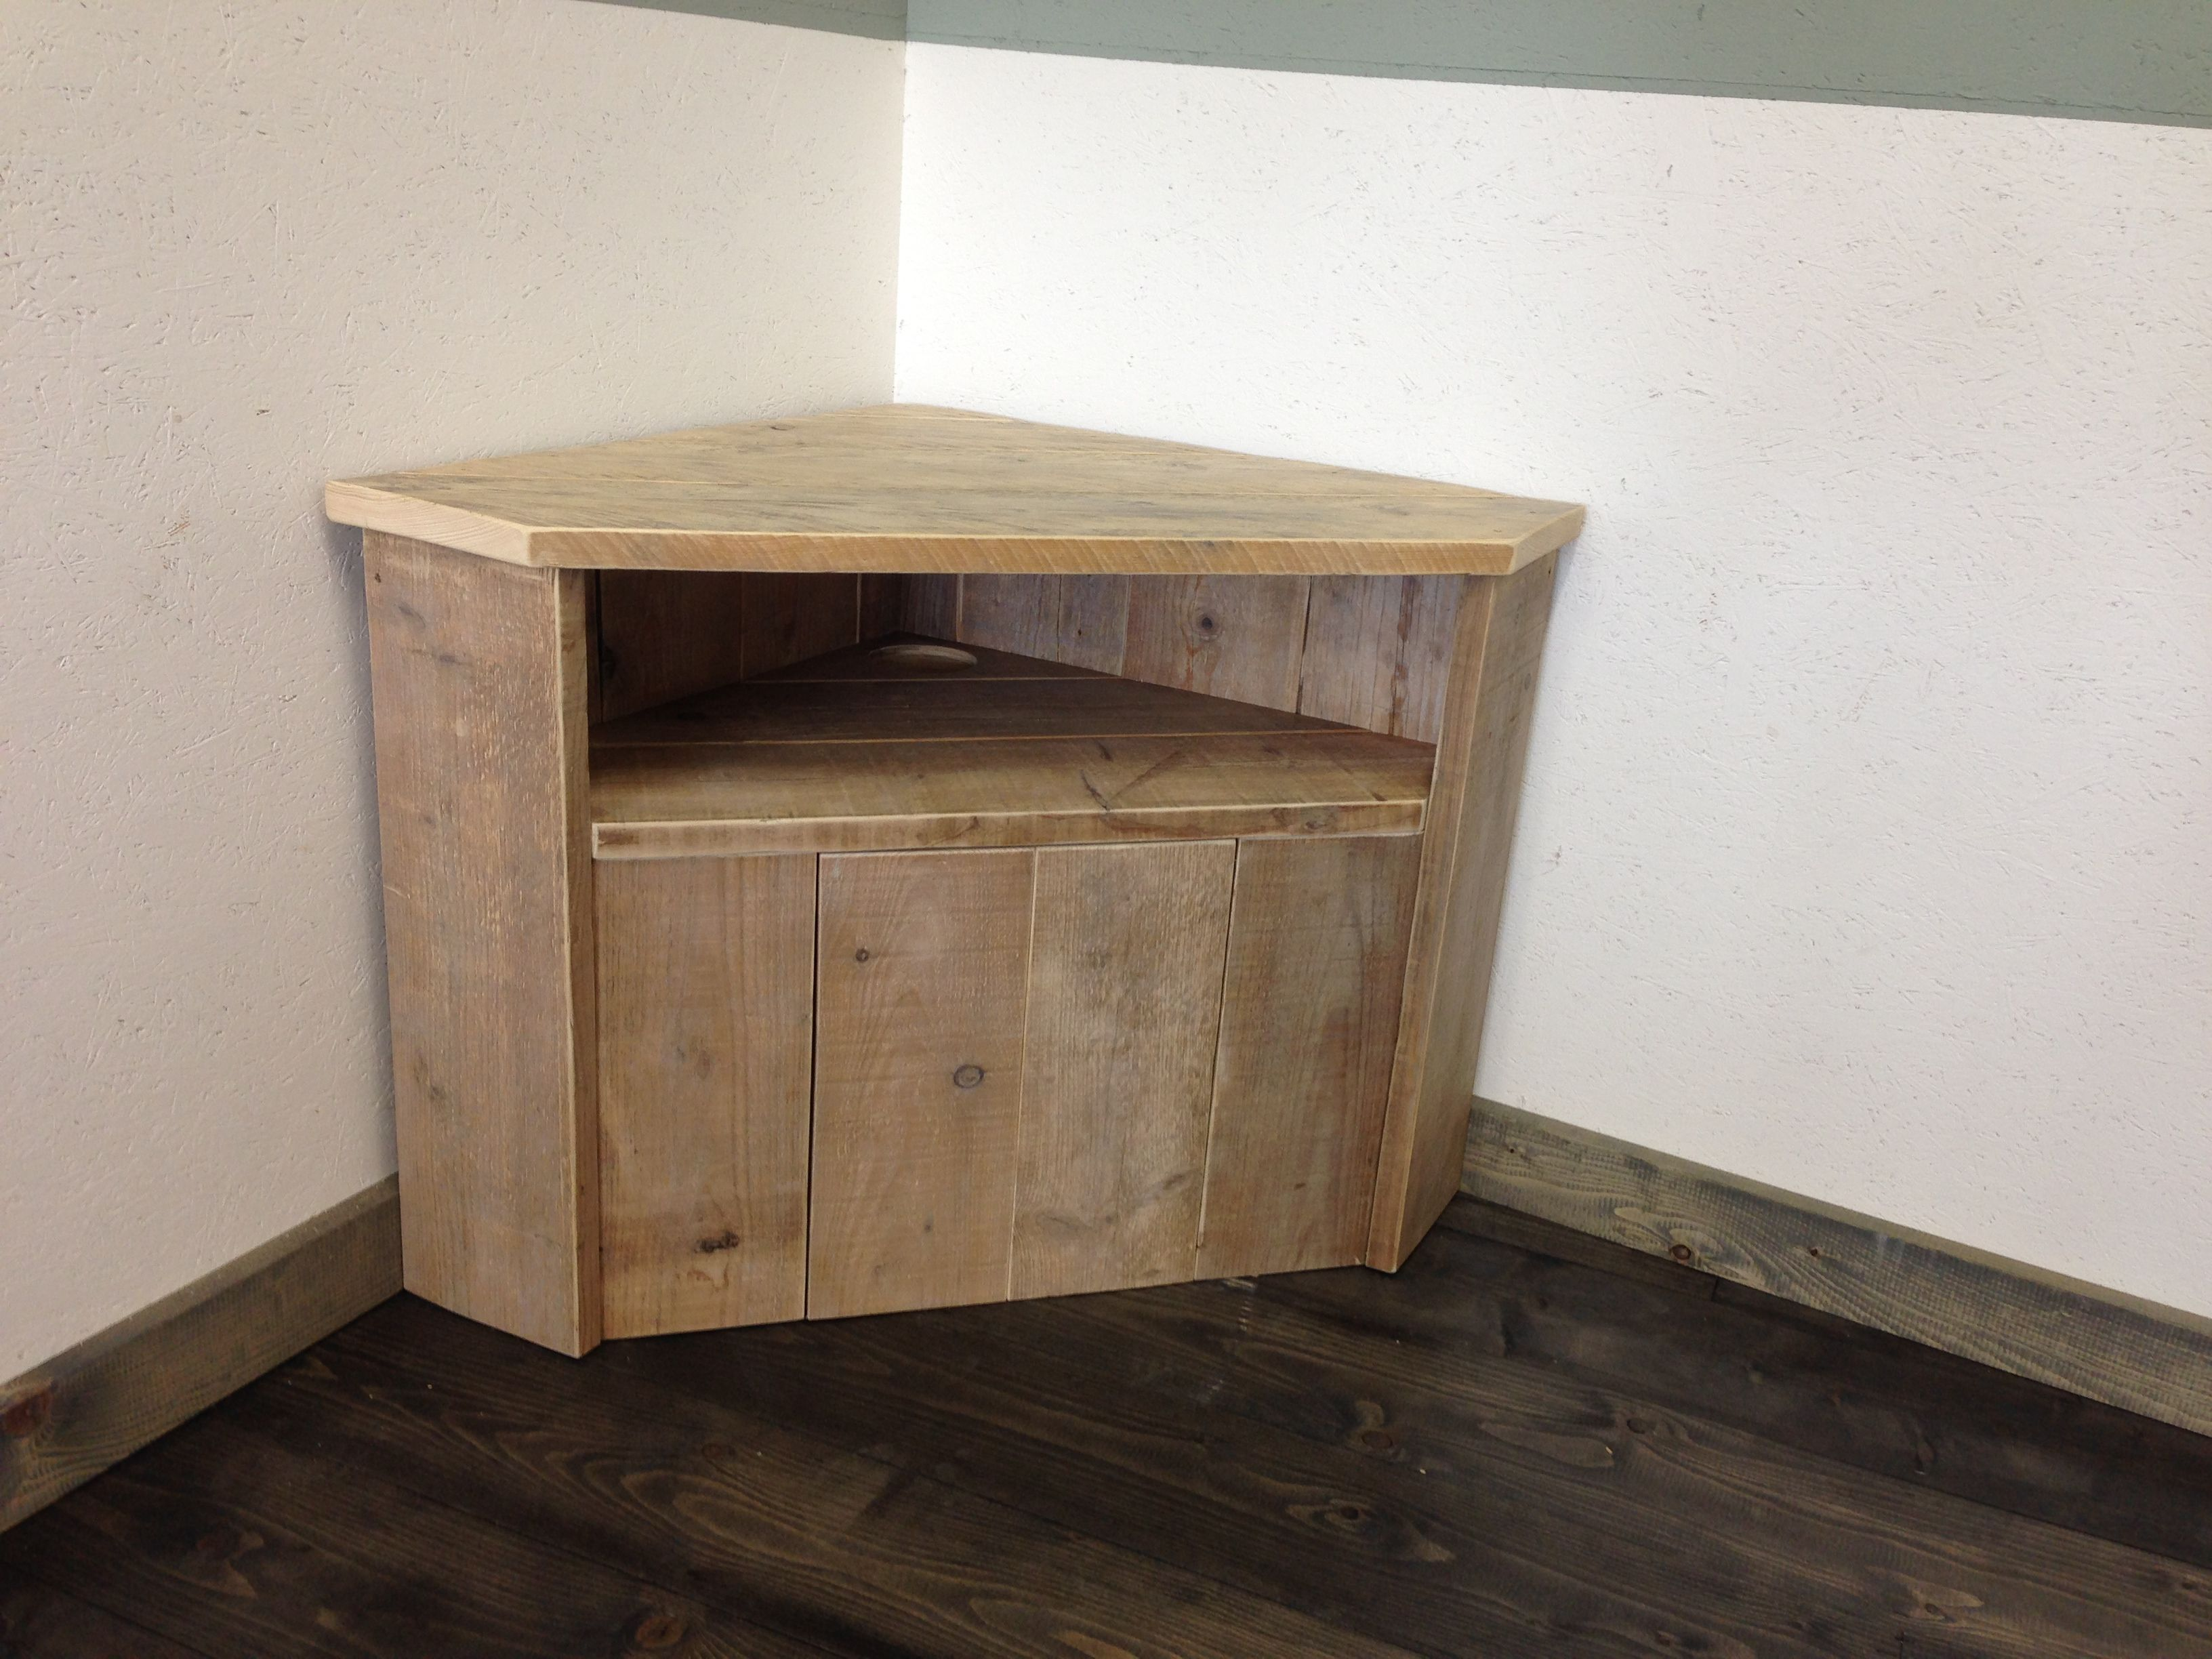 Wonderbaarlijk Tv kast hoekkast van oud steigerhout. | Meble - Hoek kast, Tv kast OS-38